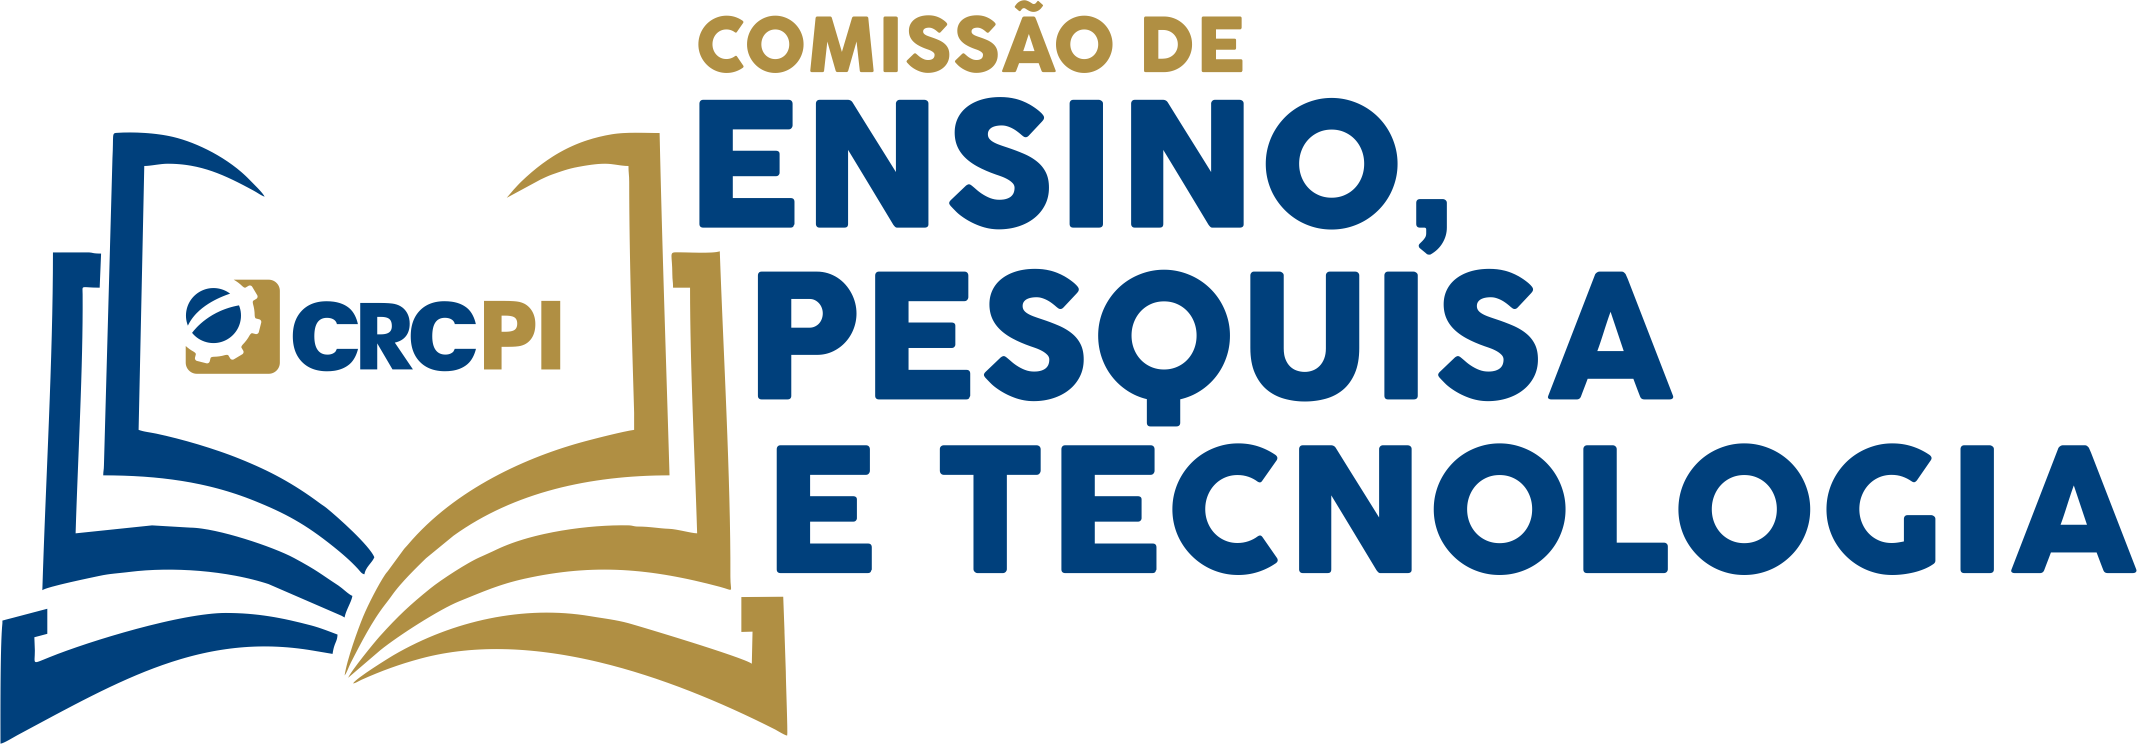 Comissao_Ensino Pesquisa e Tecnologia